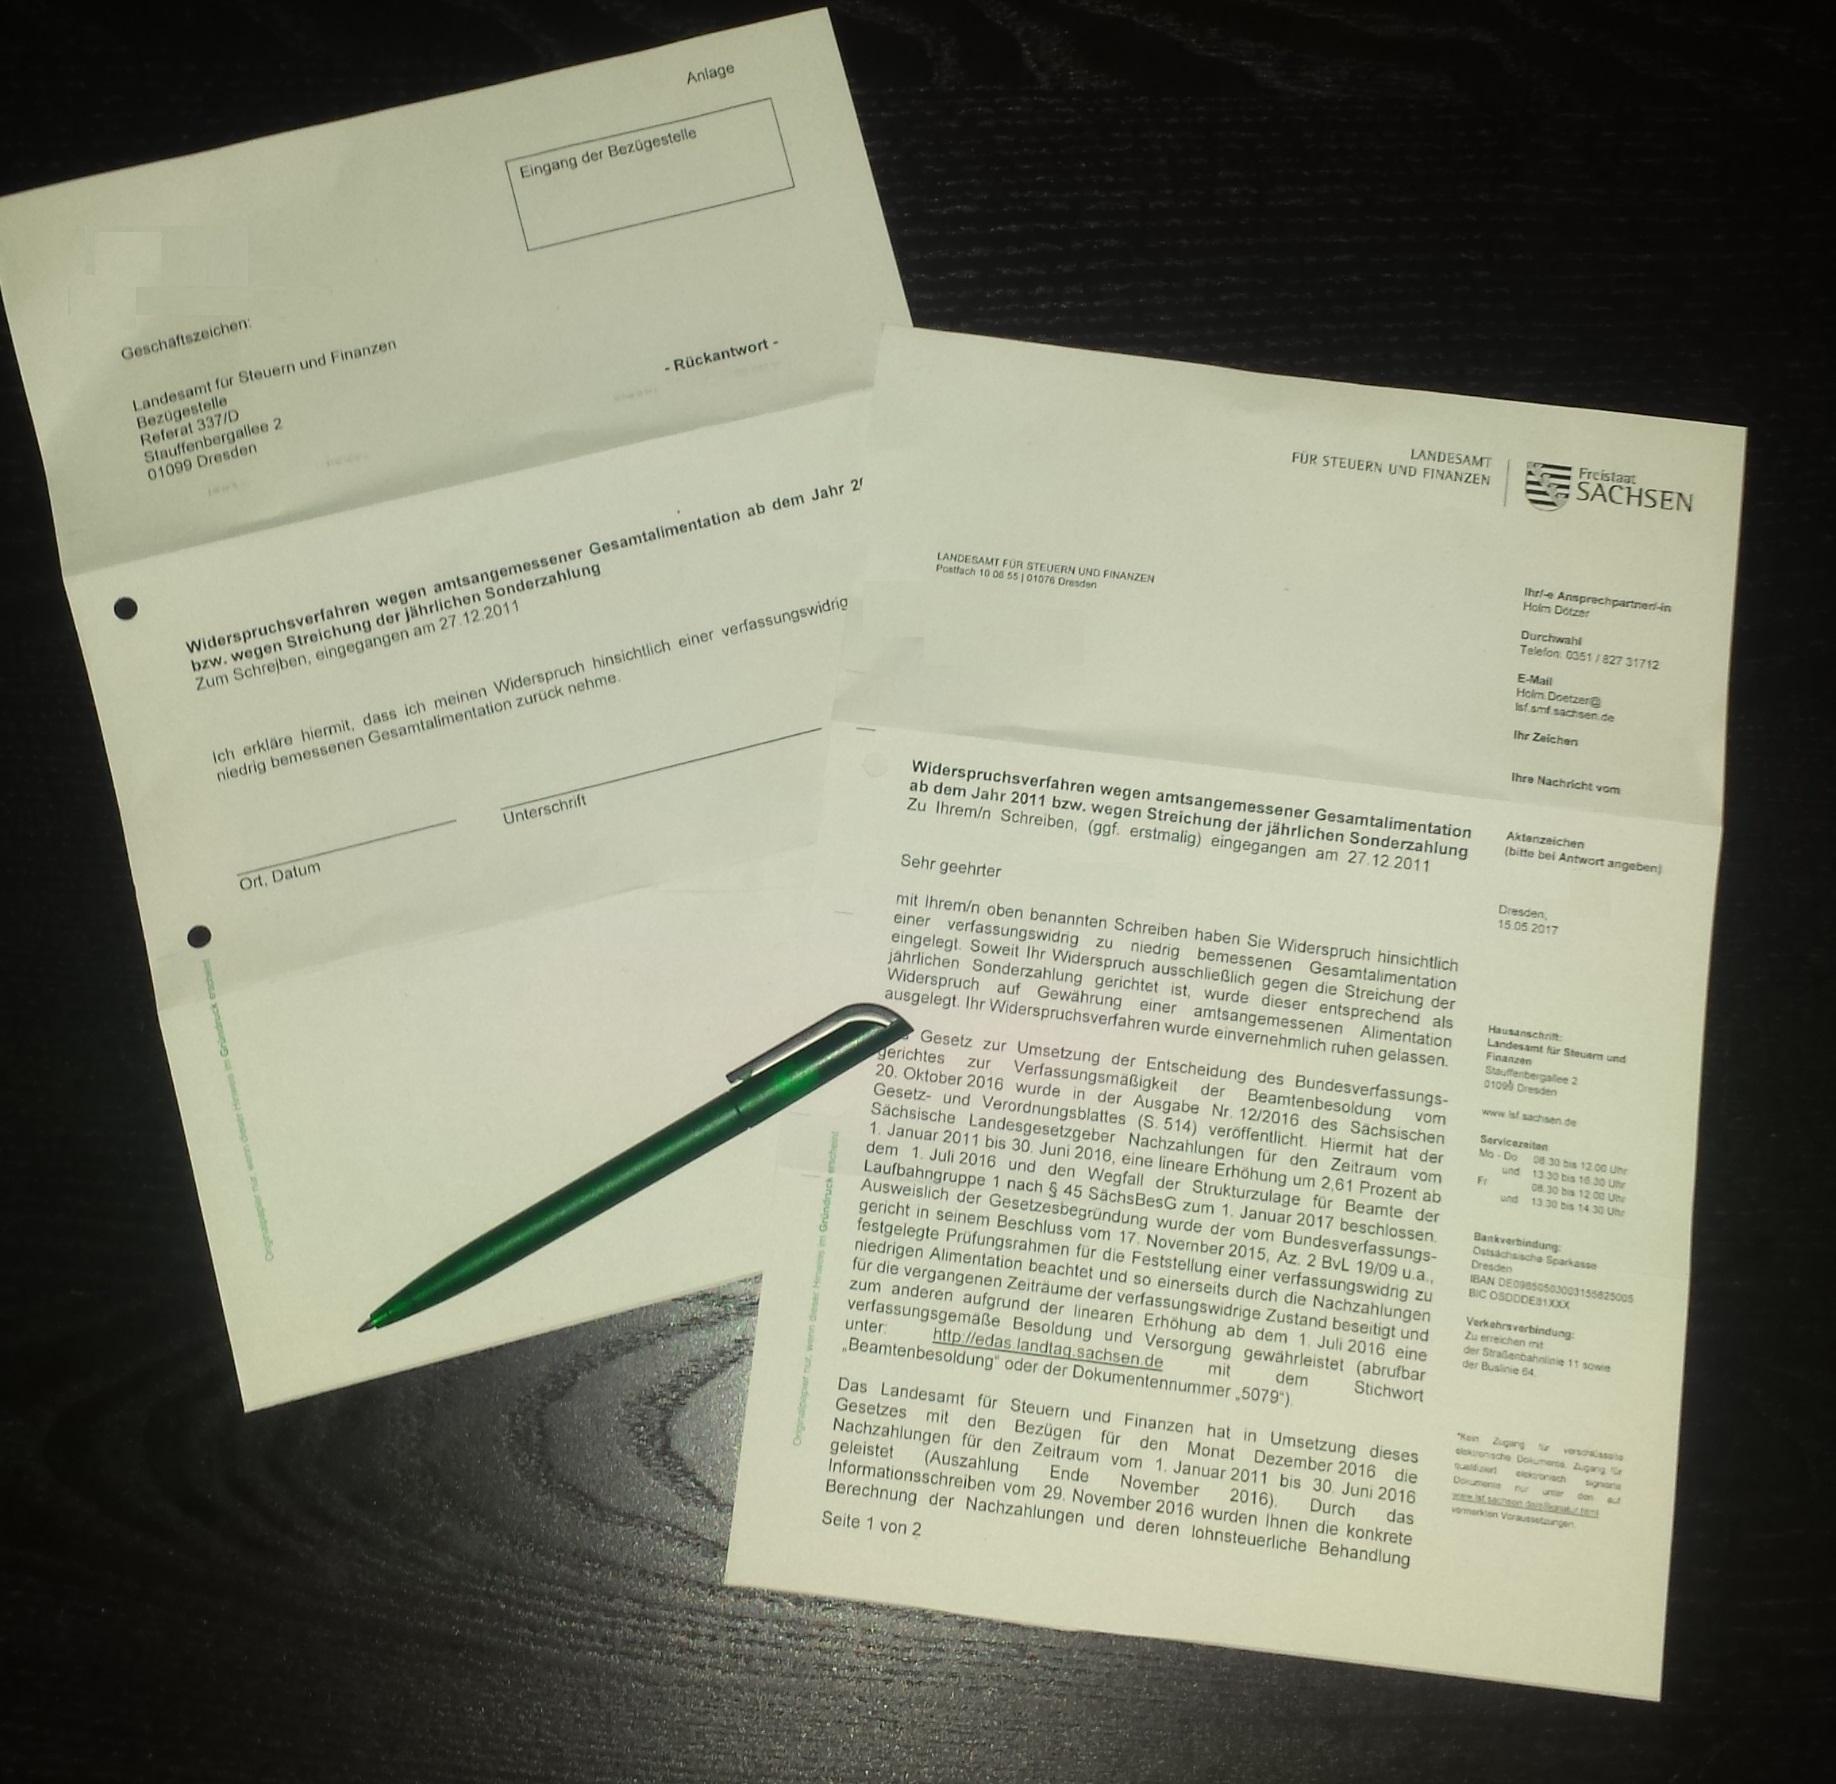 Widerspruchsverfahren Wegen Amtsangemessener Gesamtalimentation Ab